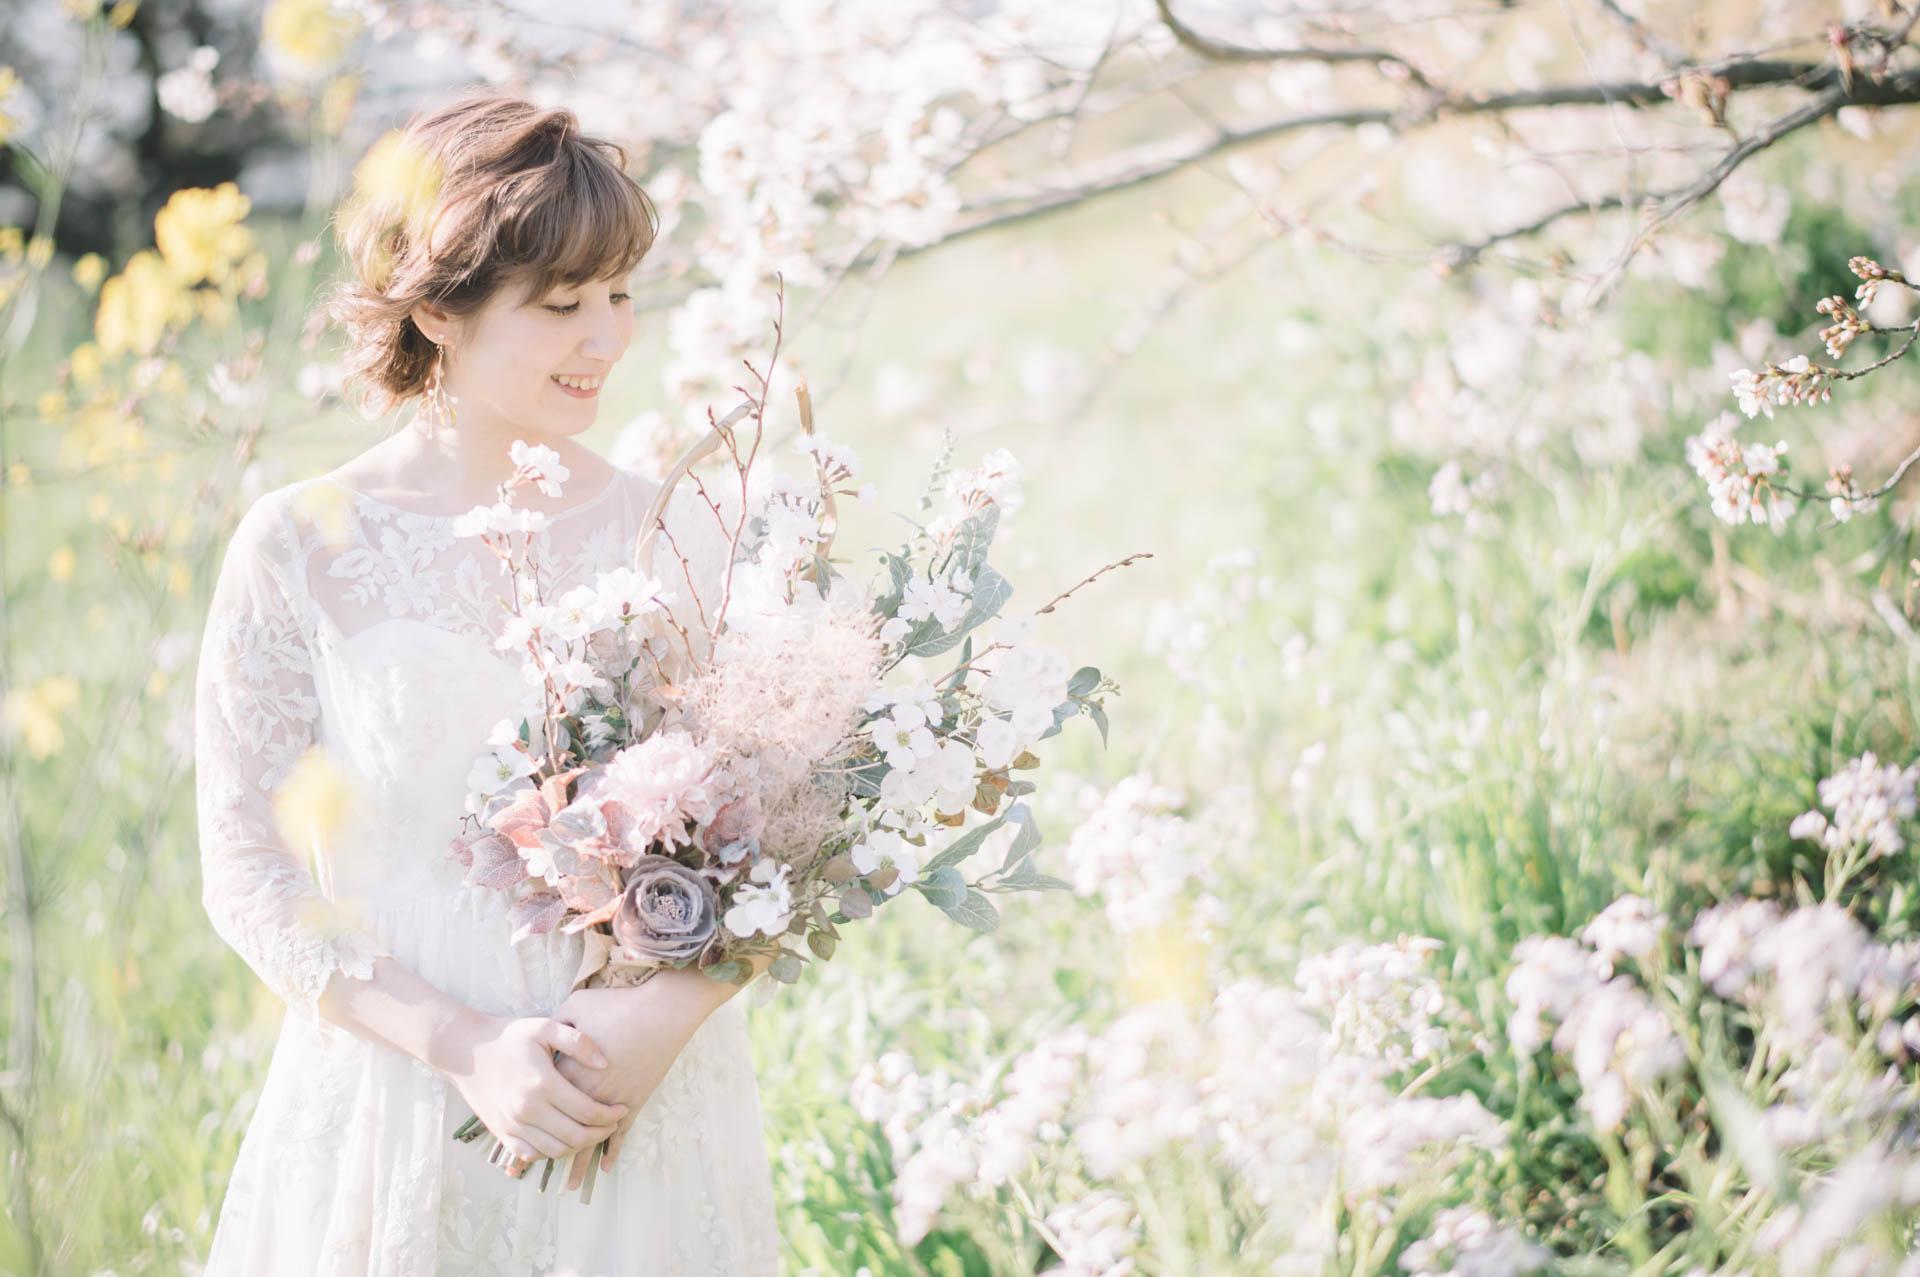 ウェディングドレス 前撮り ロケーションフォト東京 Fika and Fotos フィーカアンドフォトズ